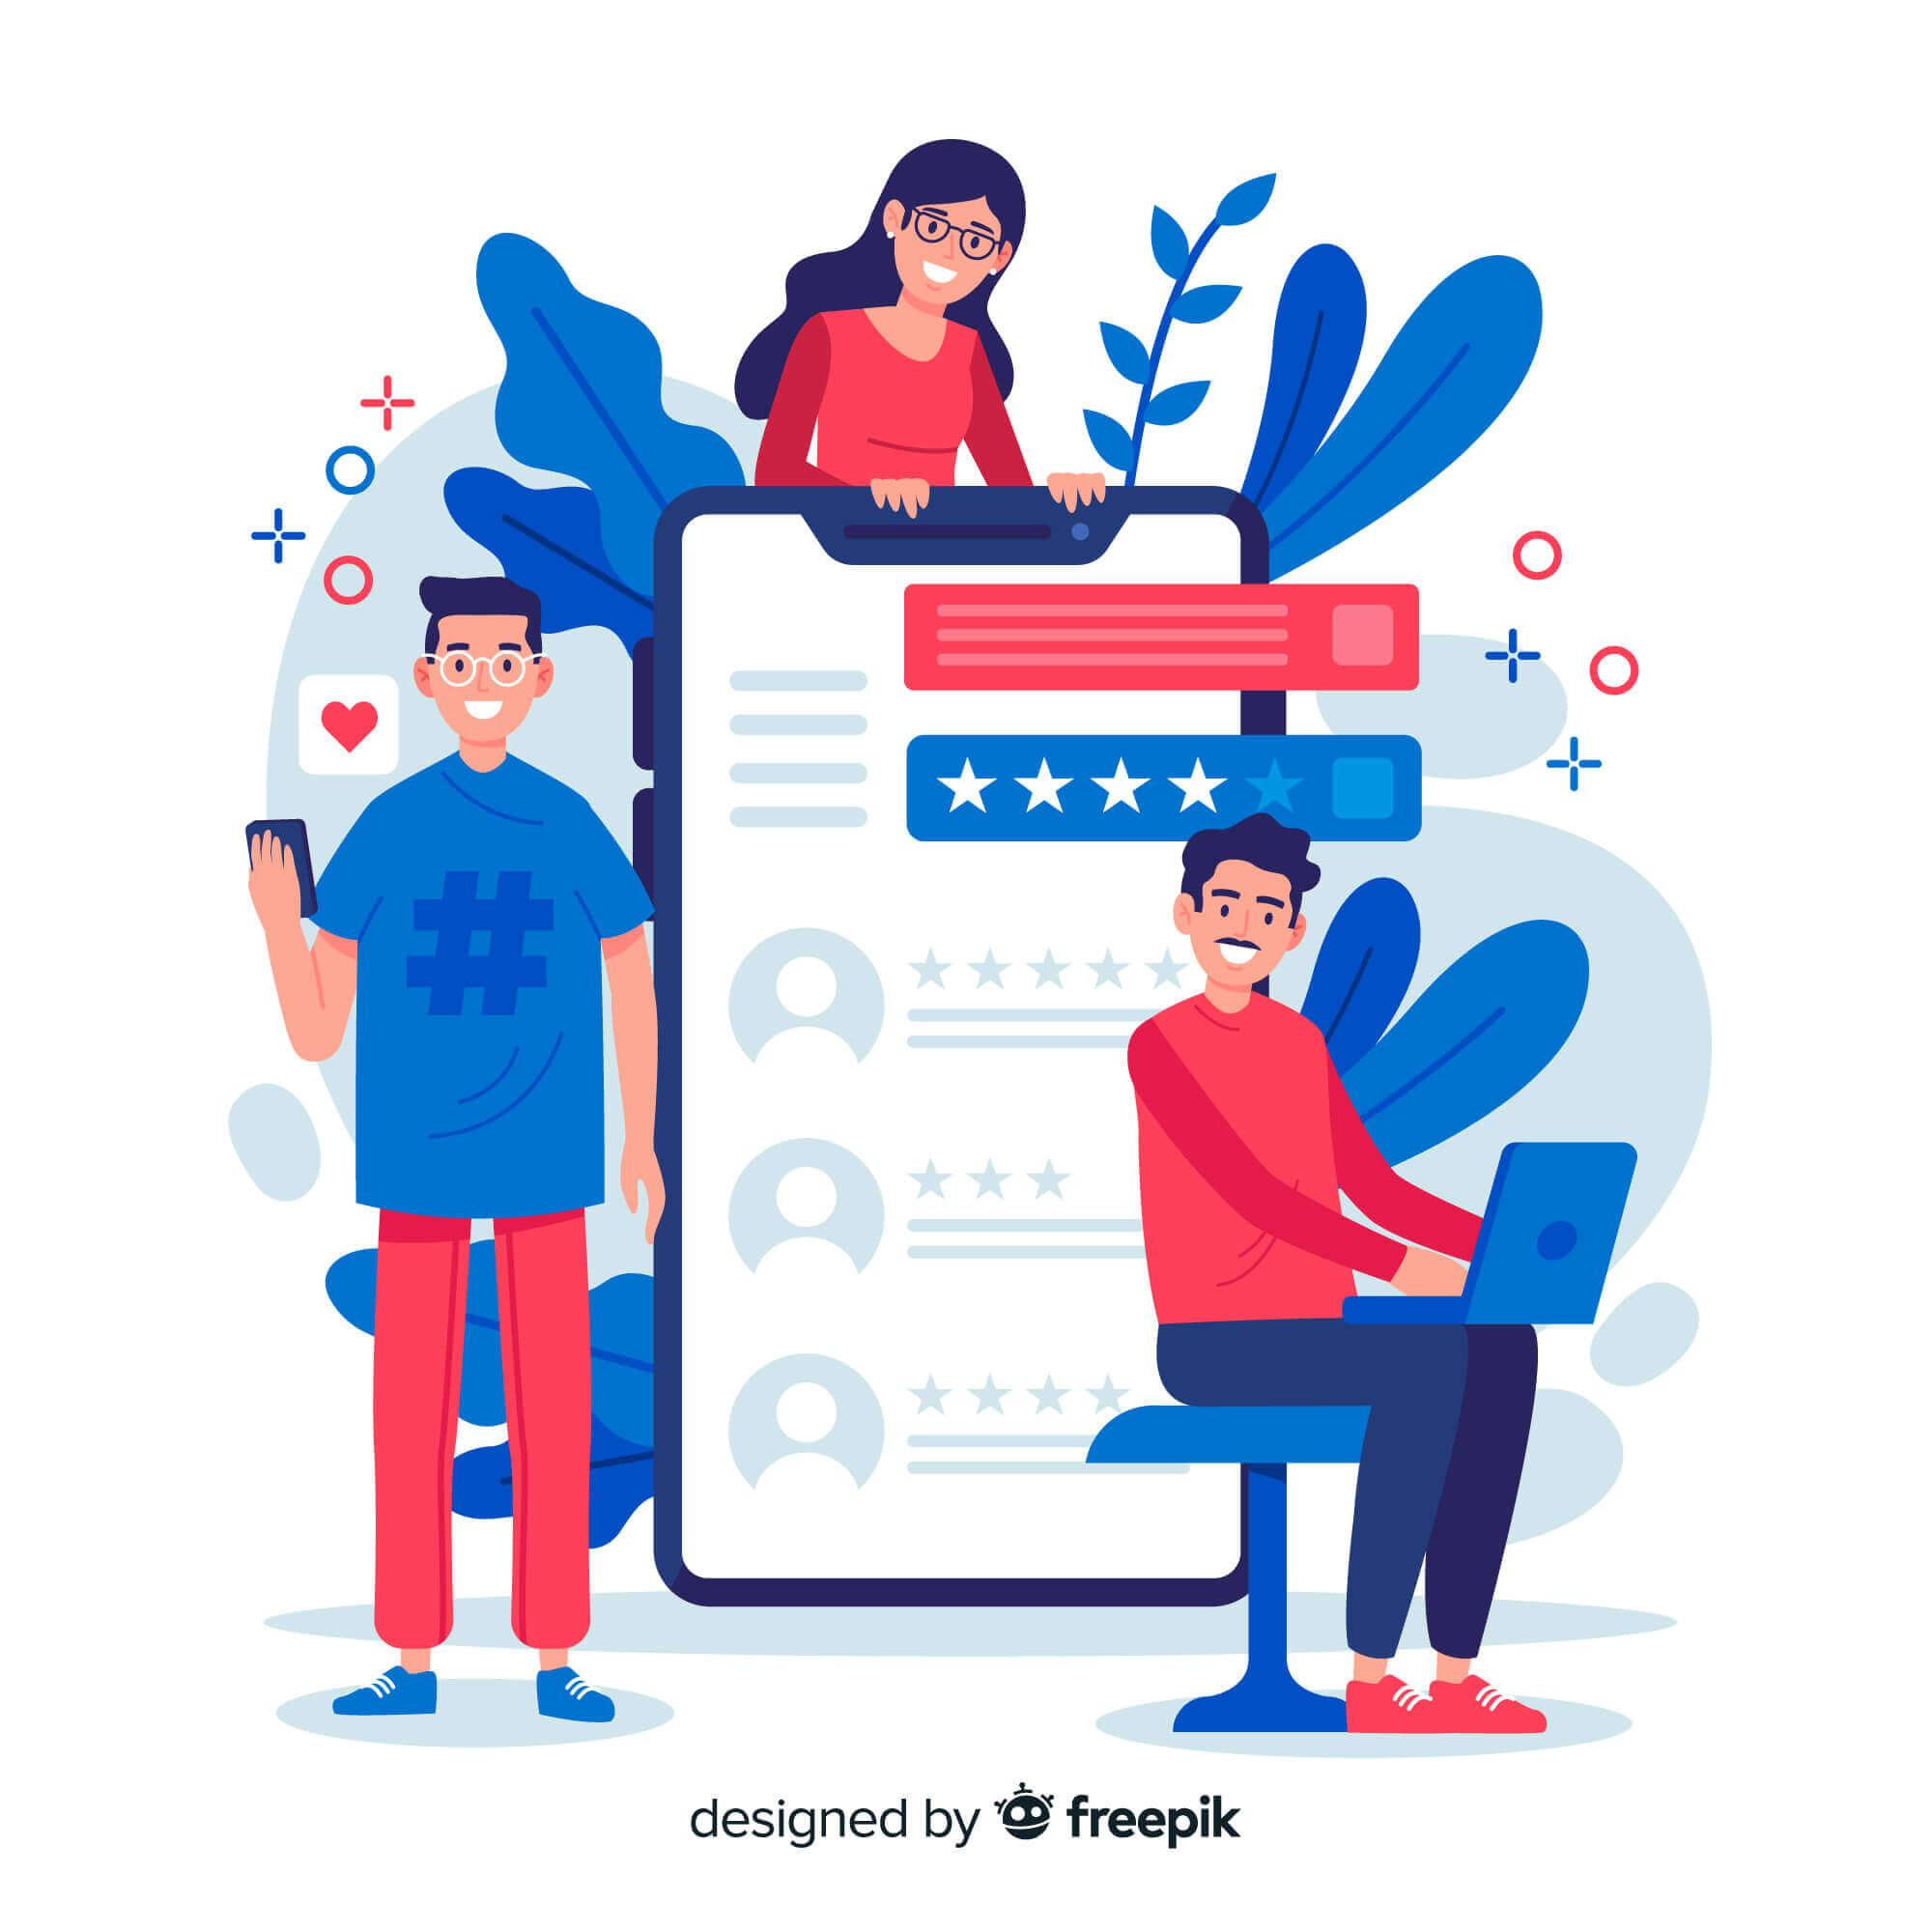 קידום אורגני לאפליקציות מובייל (Mobile)